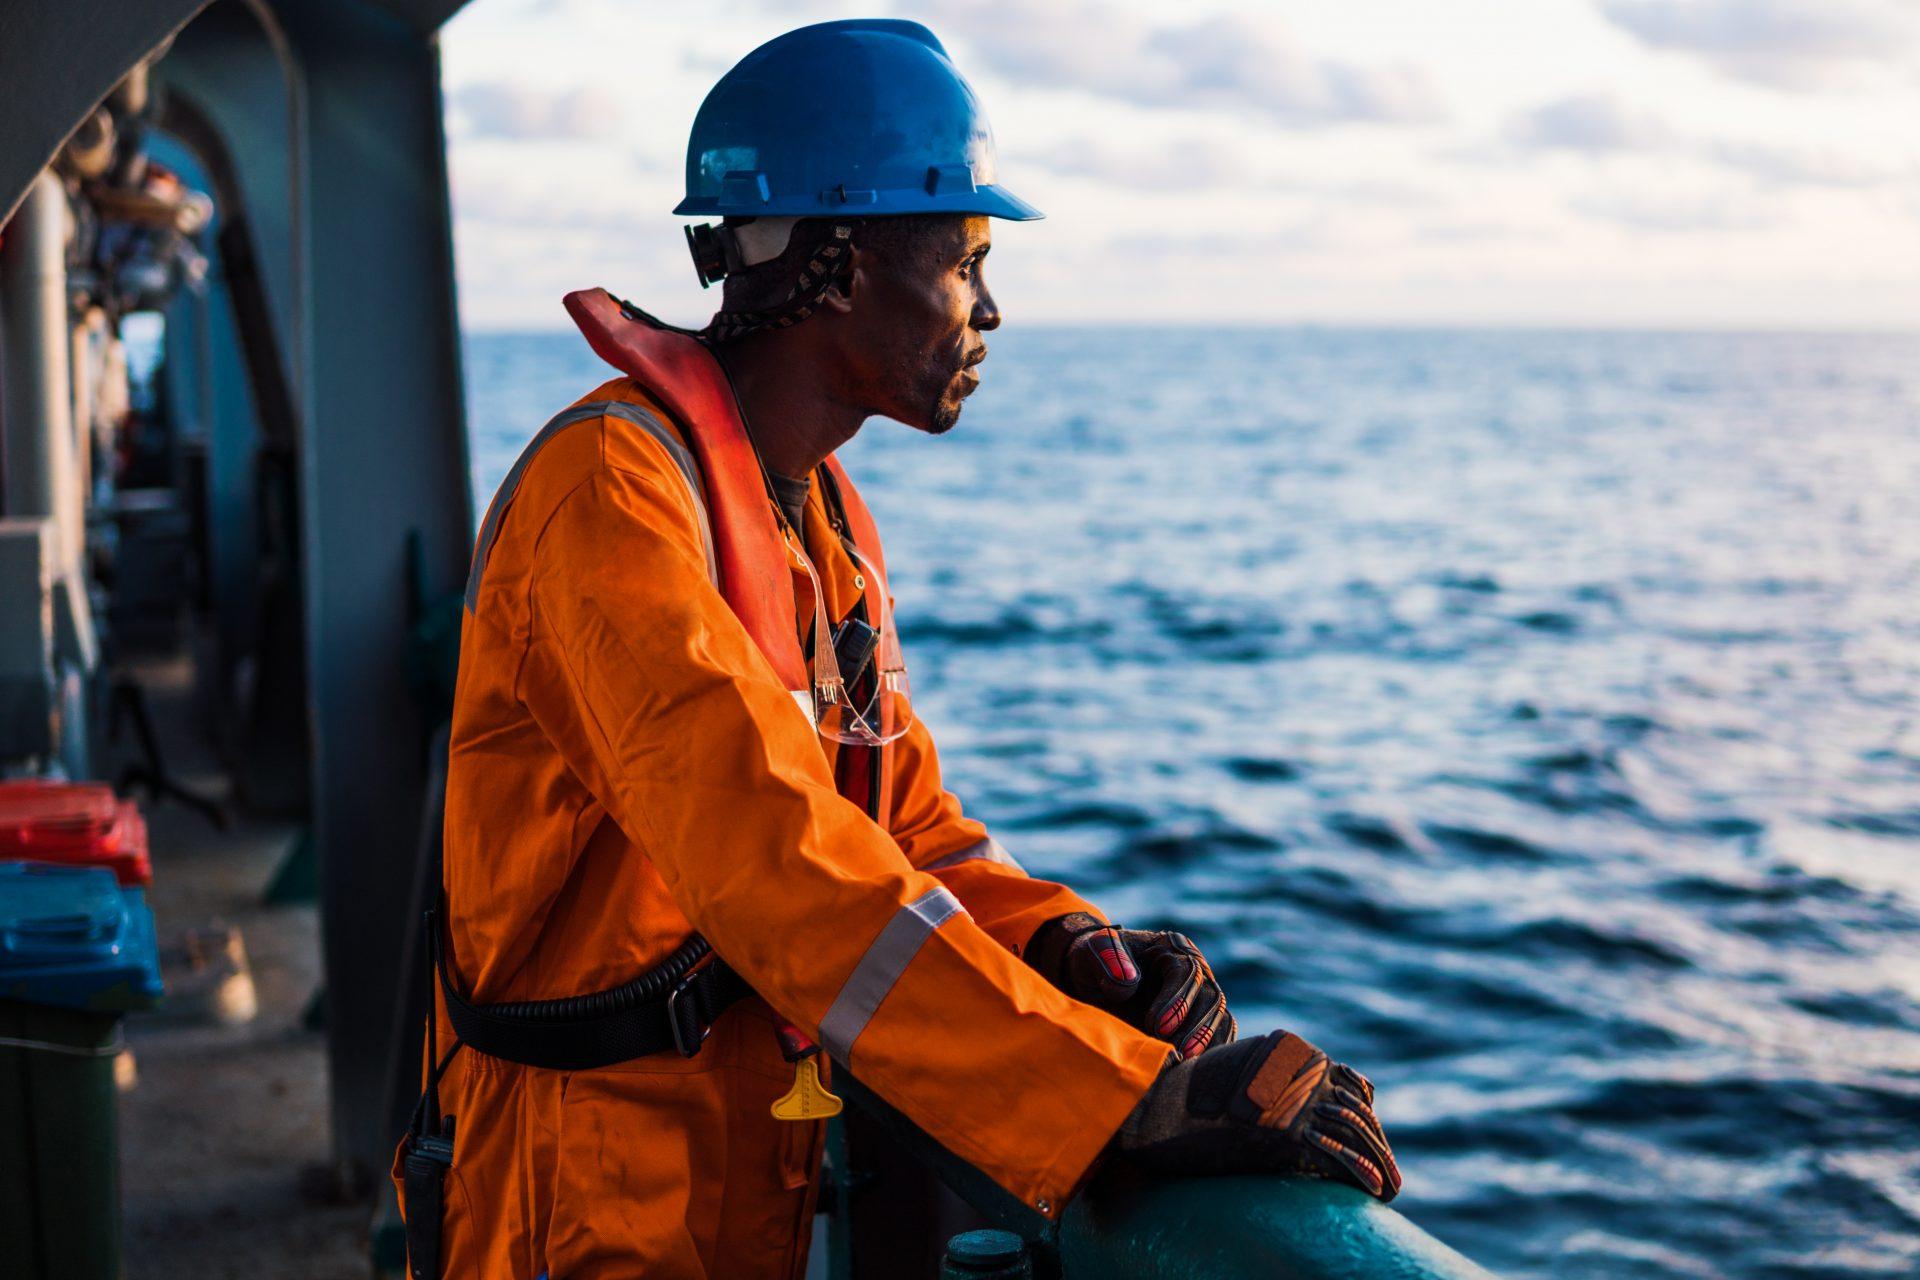 SOS Samudra: Seafarers